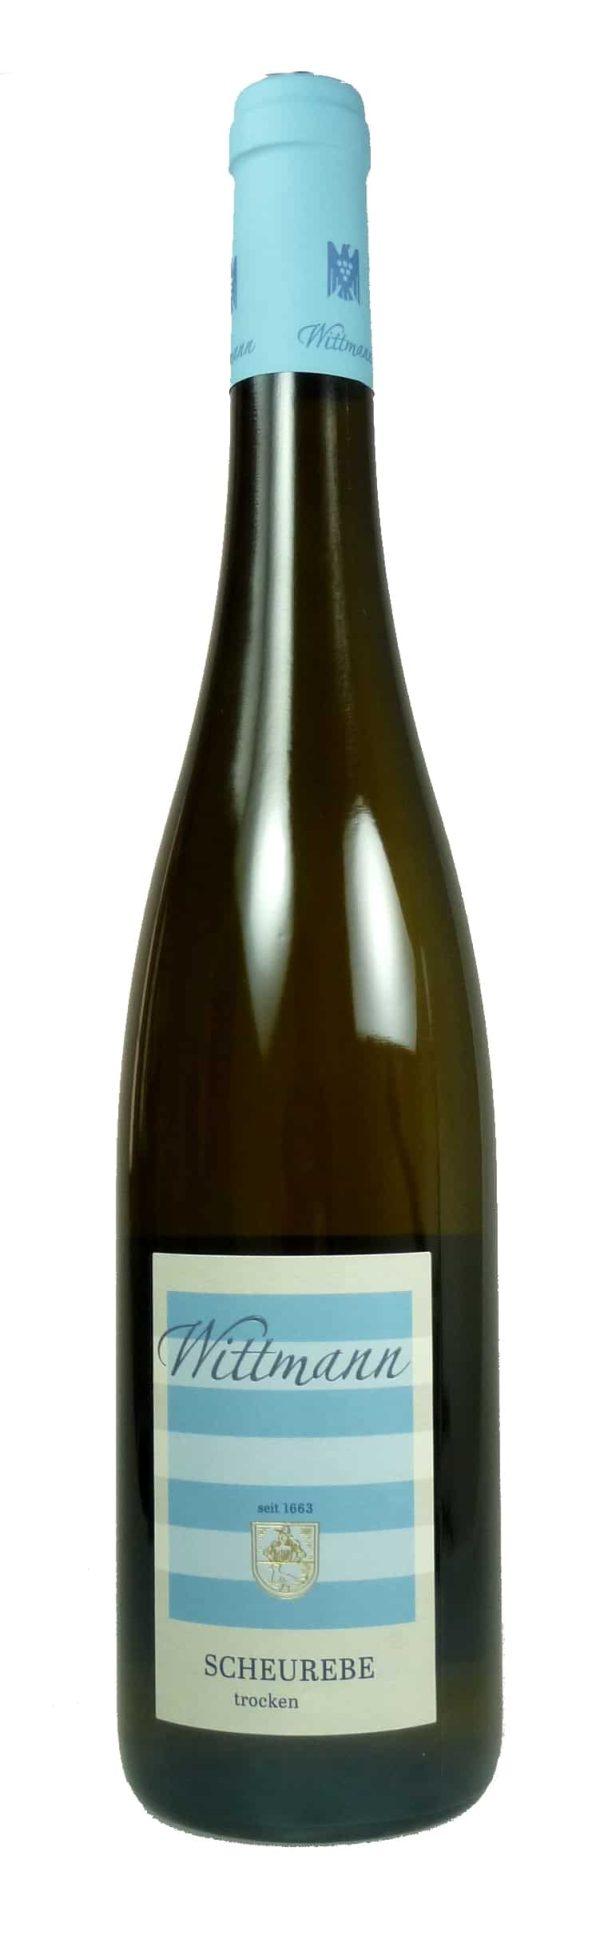 Scheurebe Qualitätswein trocken 2017